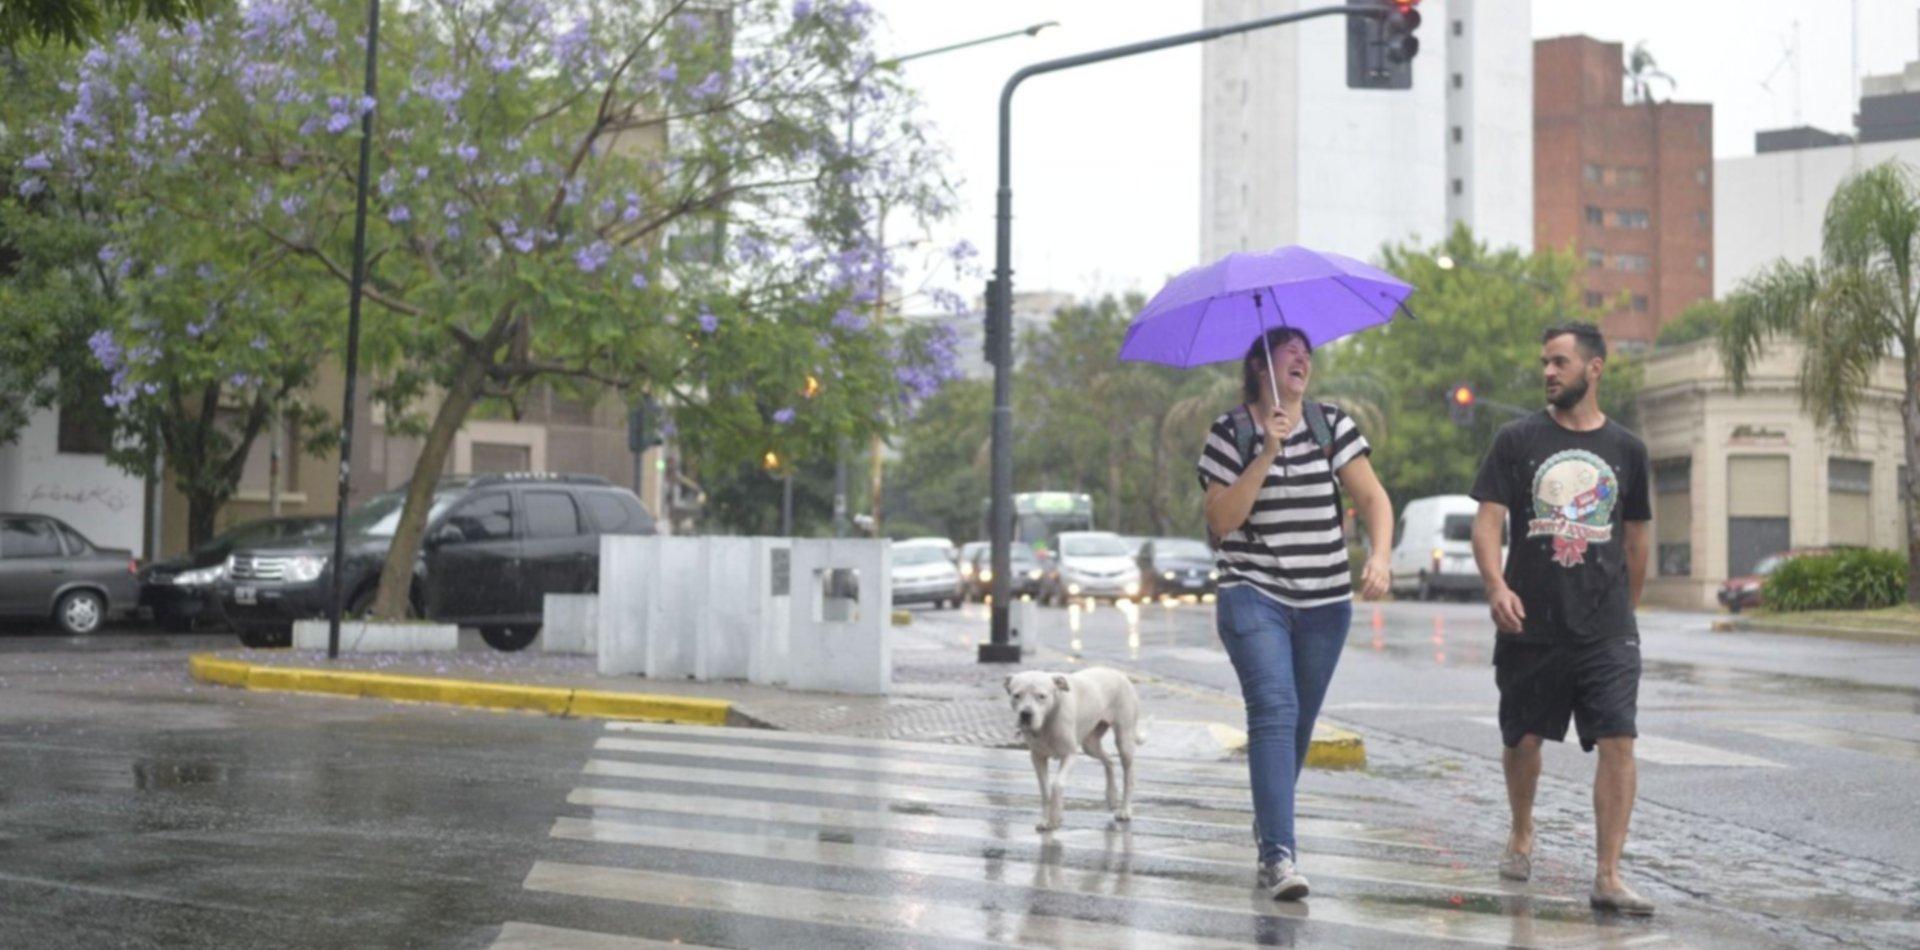 Calor y lluvias a la vista, ¿cómo seguirá el clima en La Plata el resto de la semana?